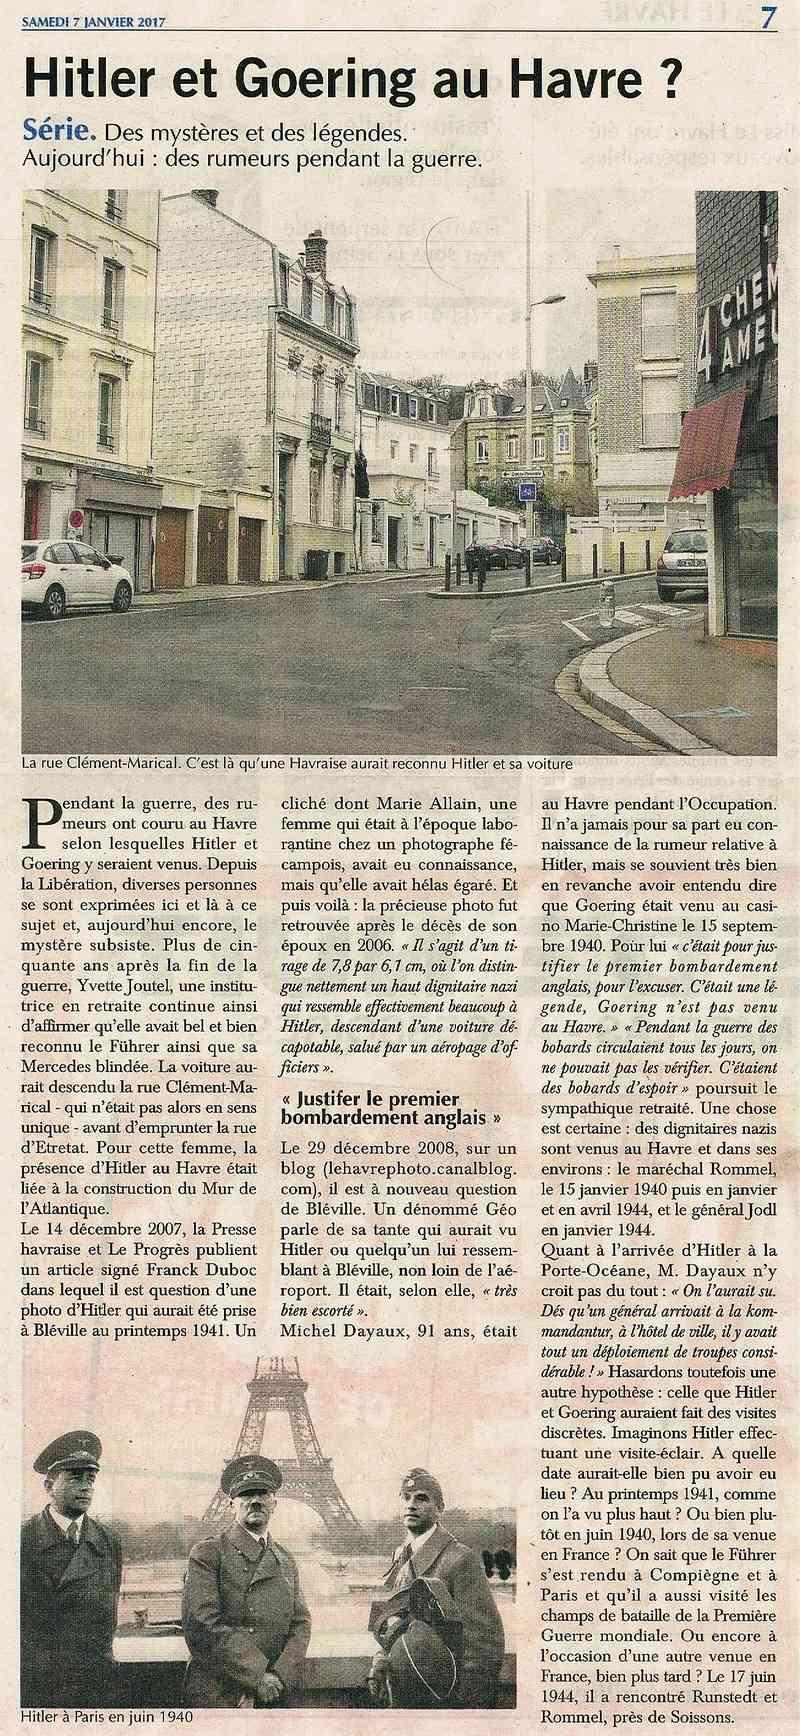 Saint - Mystères et légendes 2017-010